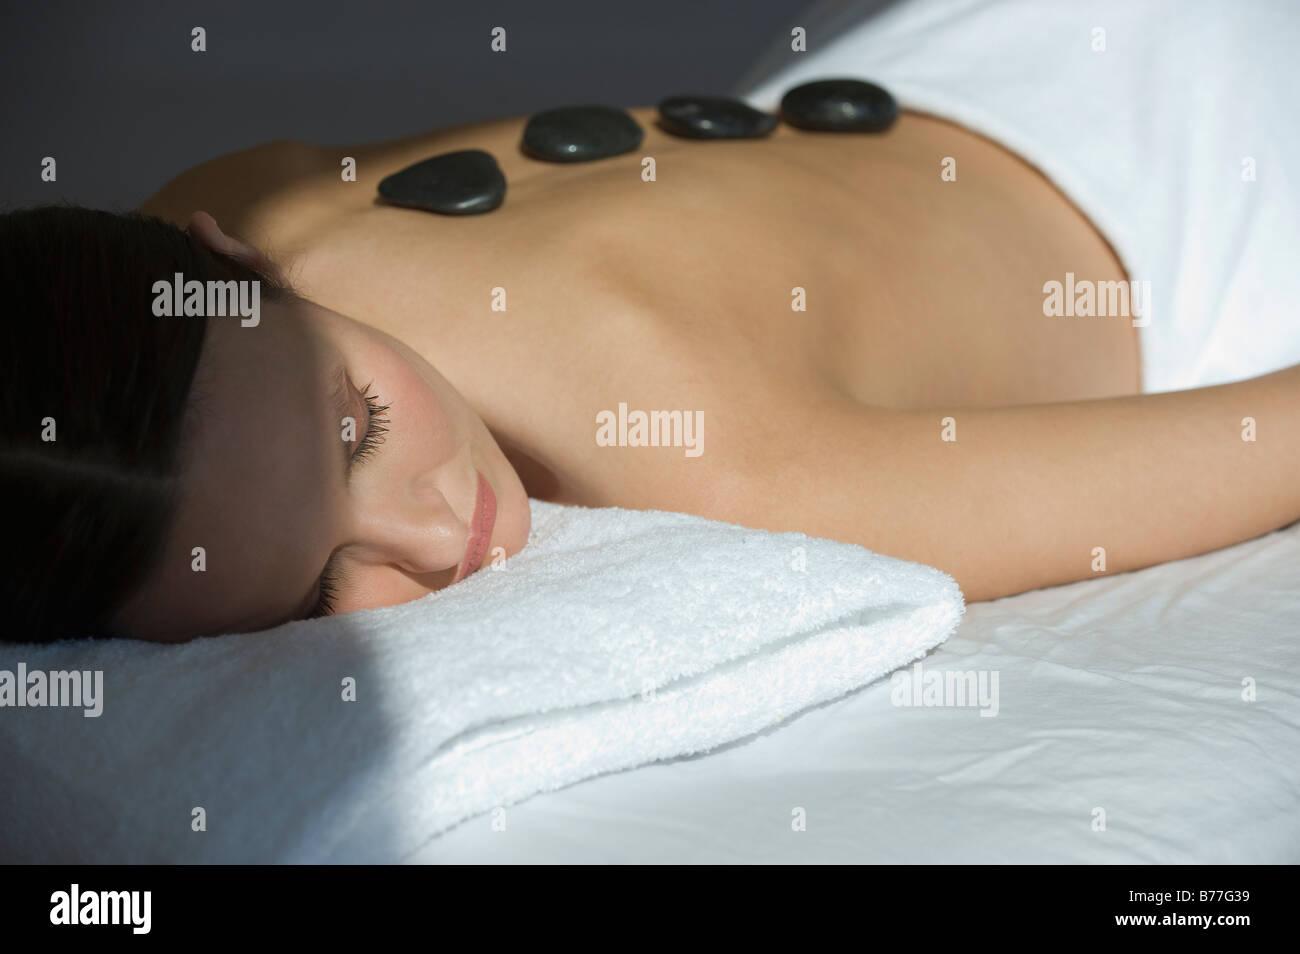 Femme portant sur table de massage pierres chaudes sur le dos Banque D'Images